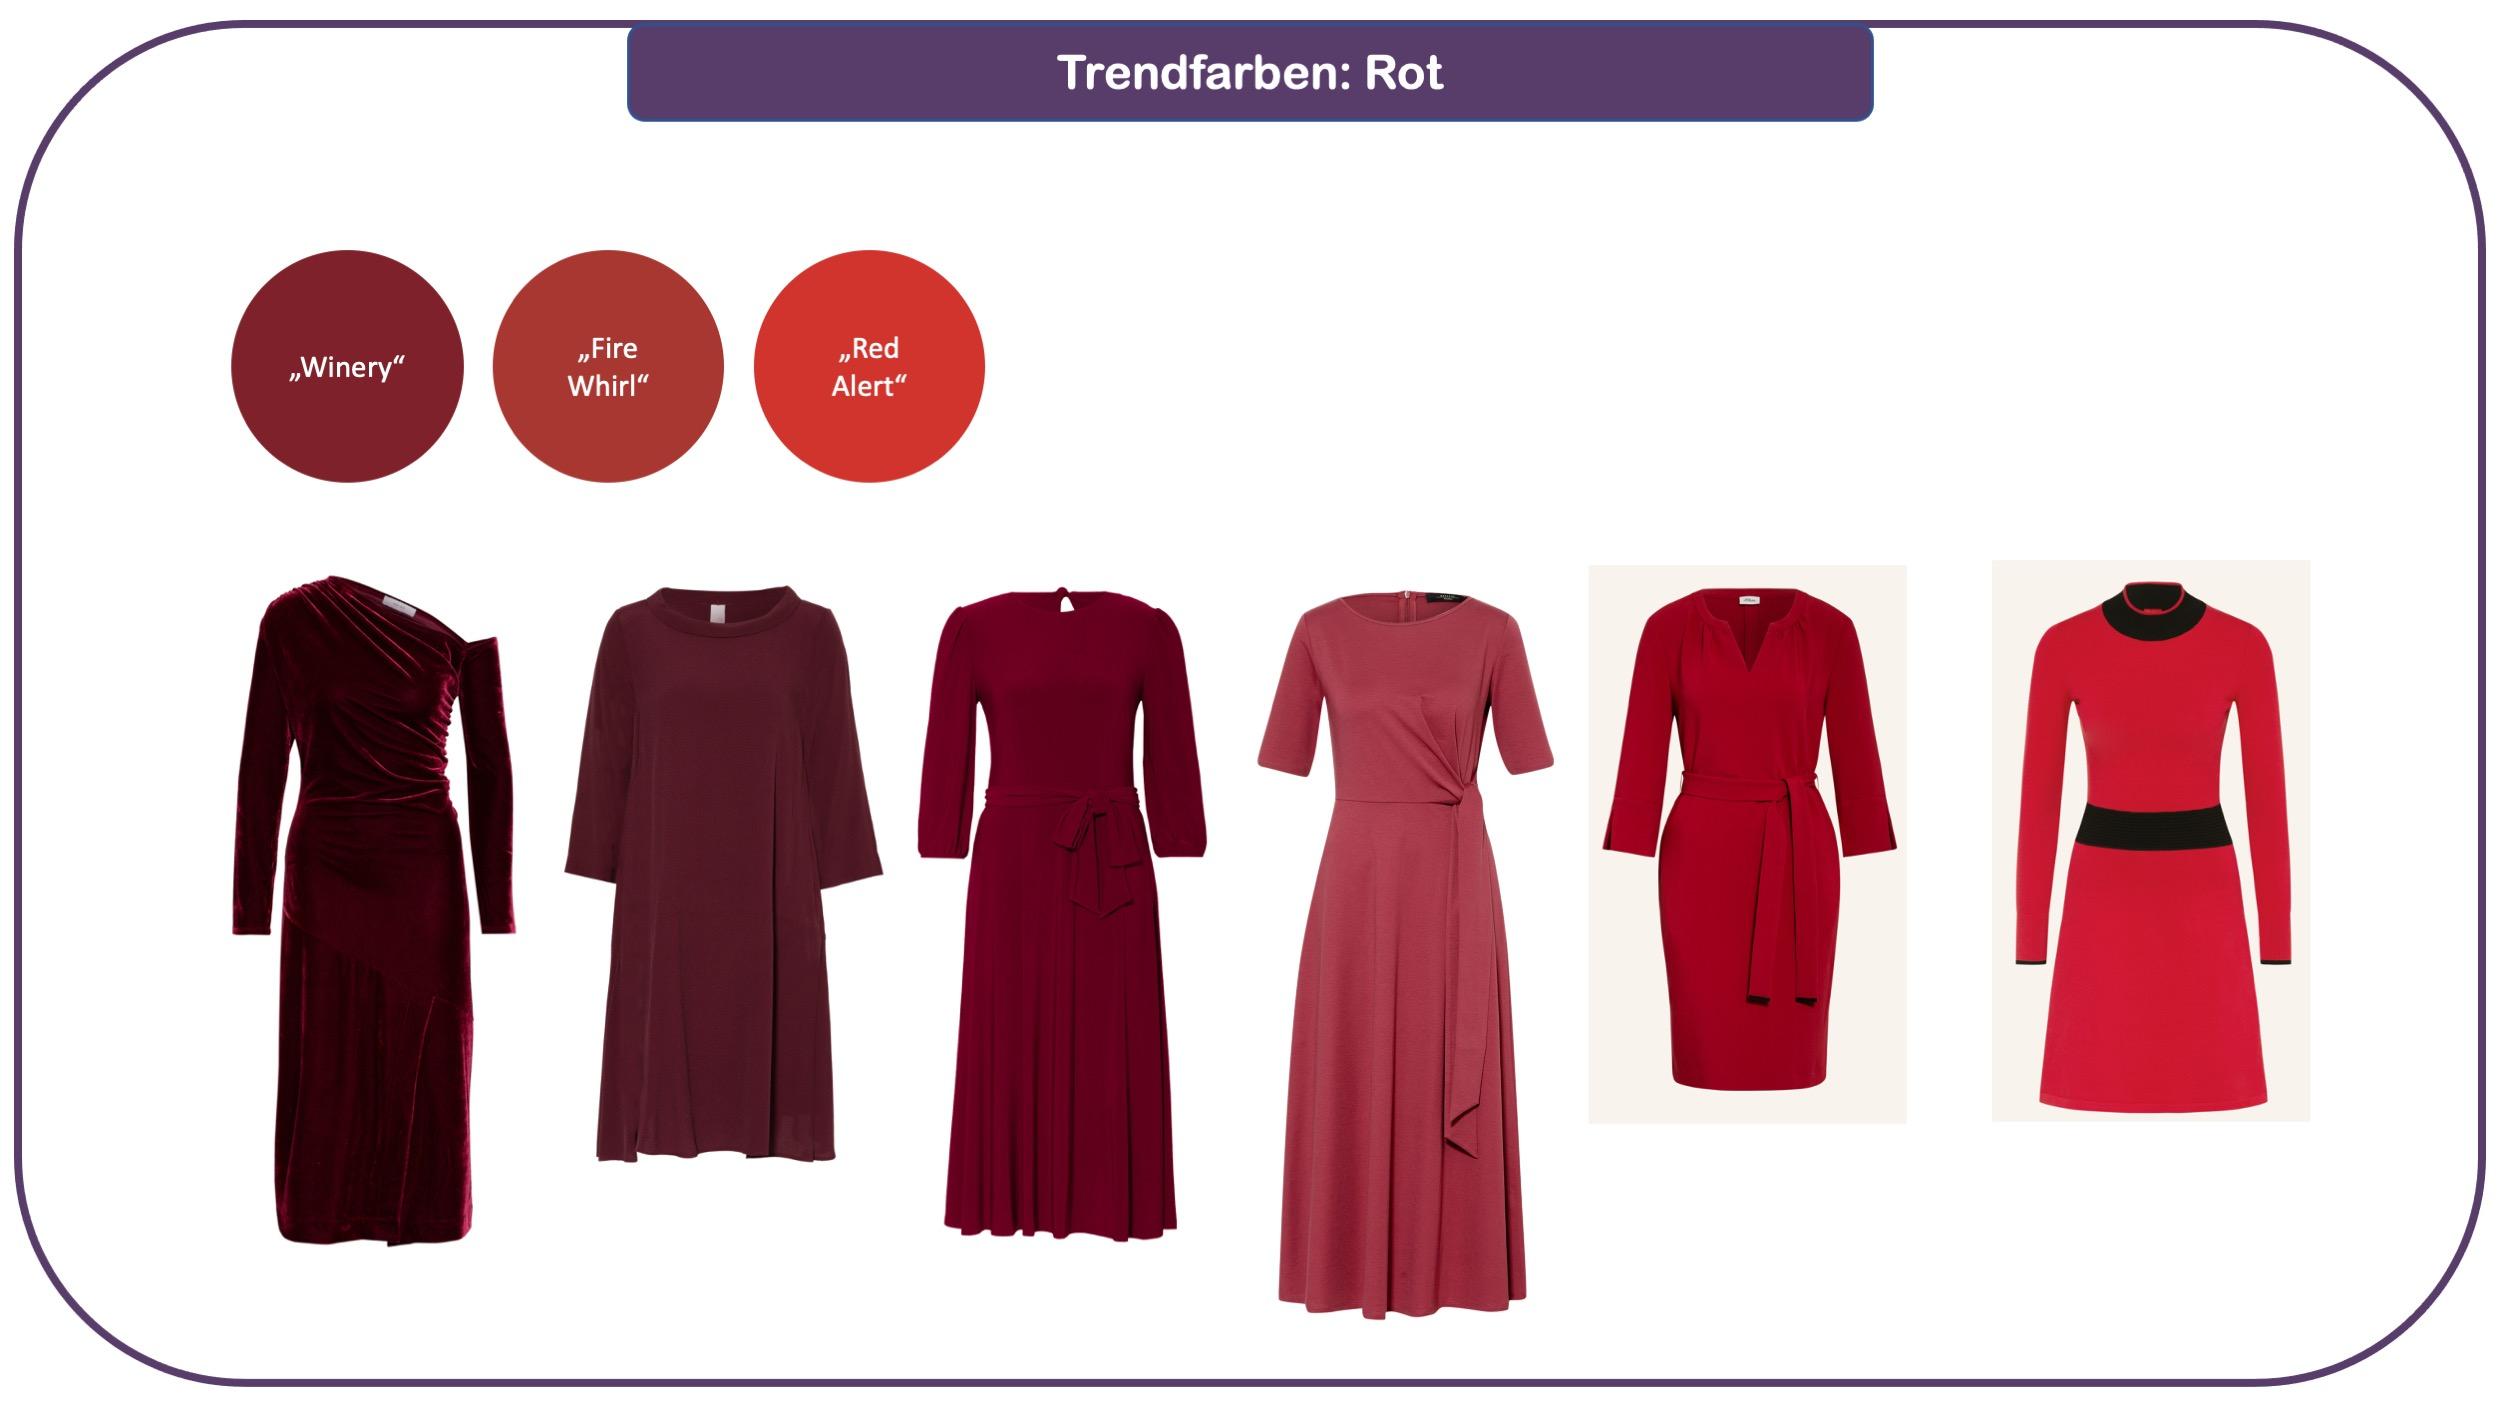 Trendfarben für Herbst und Winter 2021/22: Rot-Nuancen